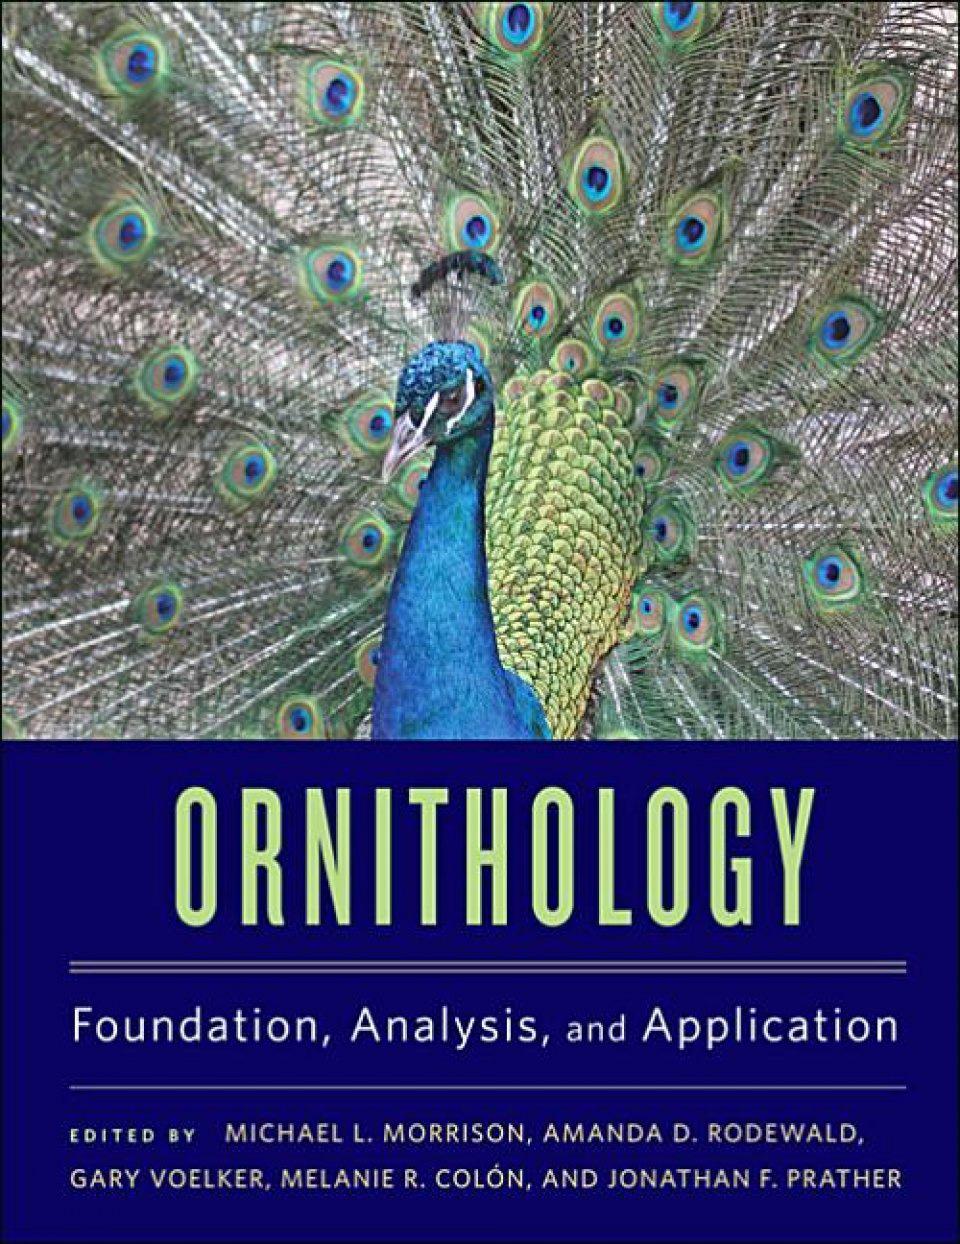 Ornithology: Foundation, Analysis and Application